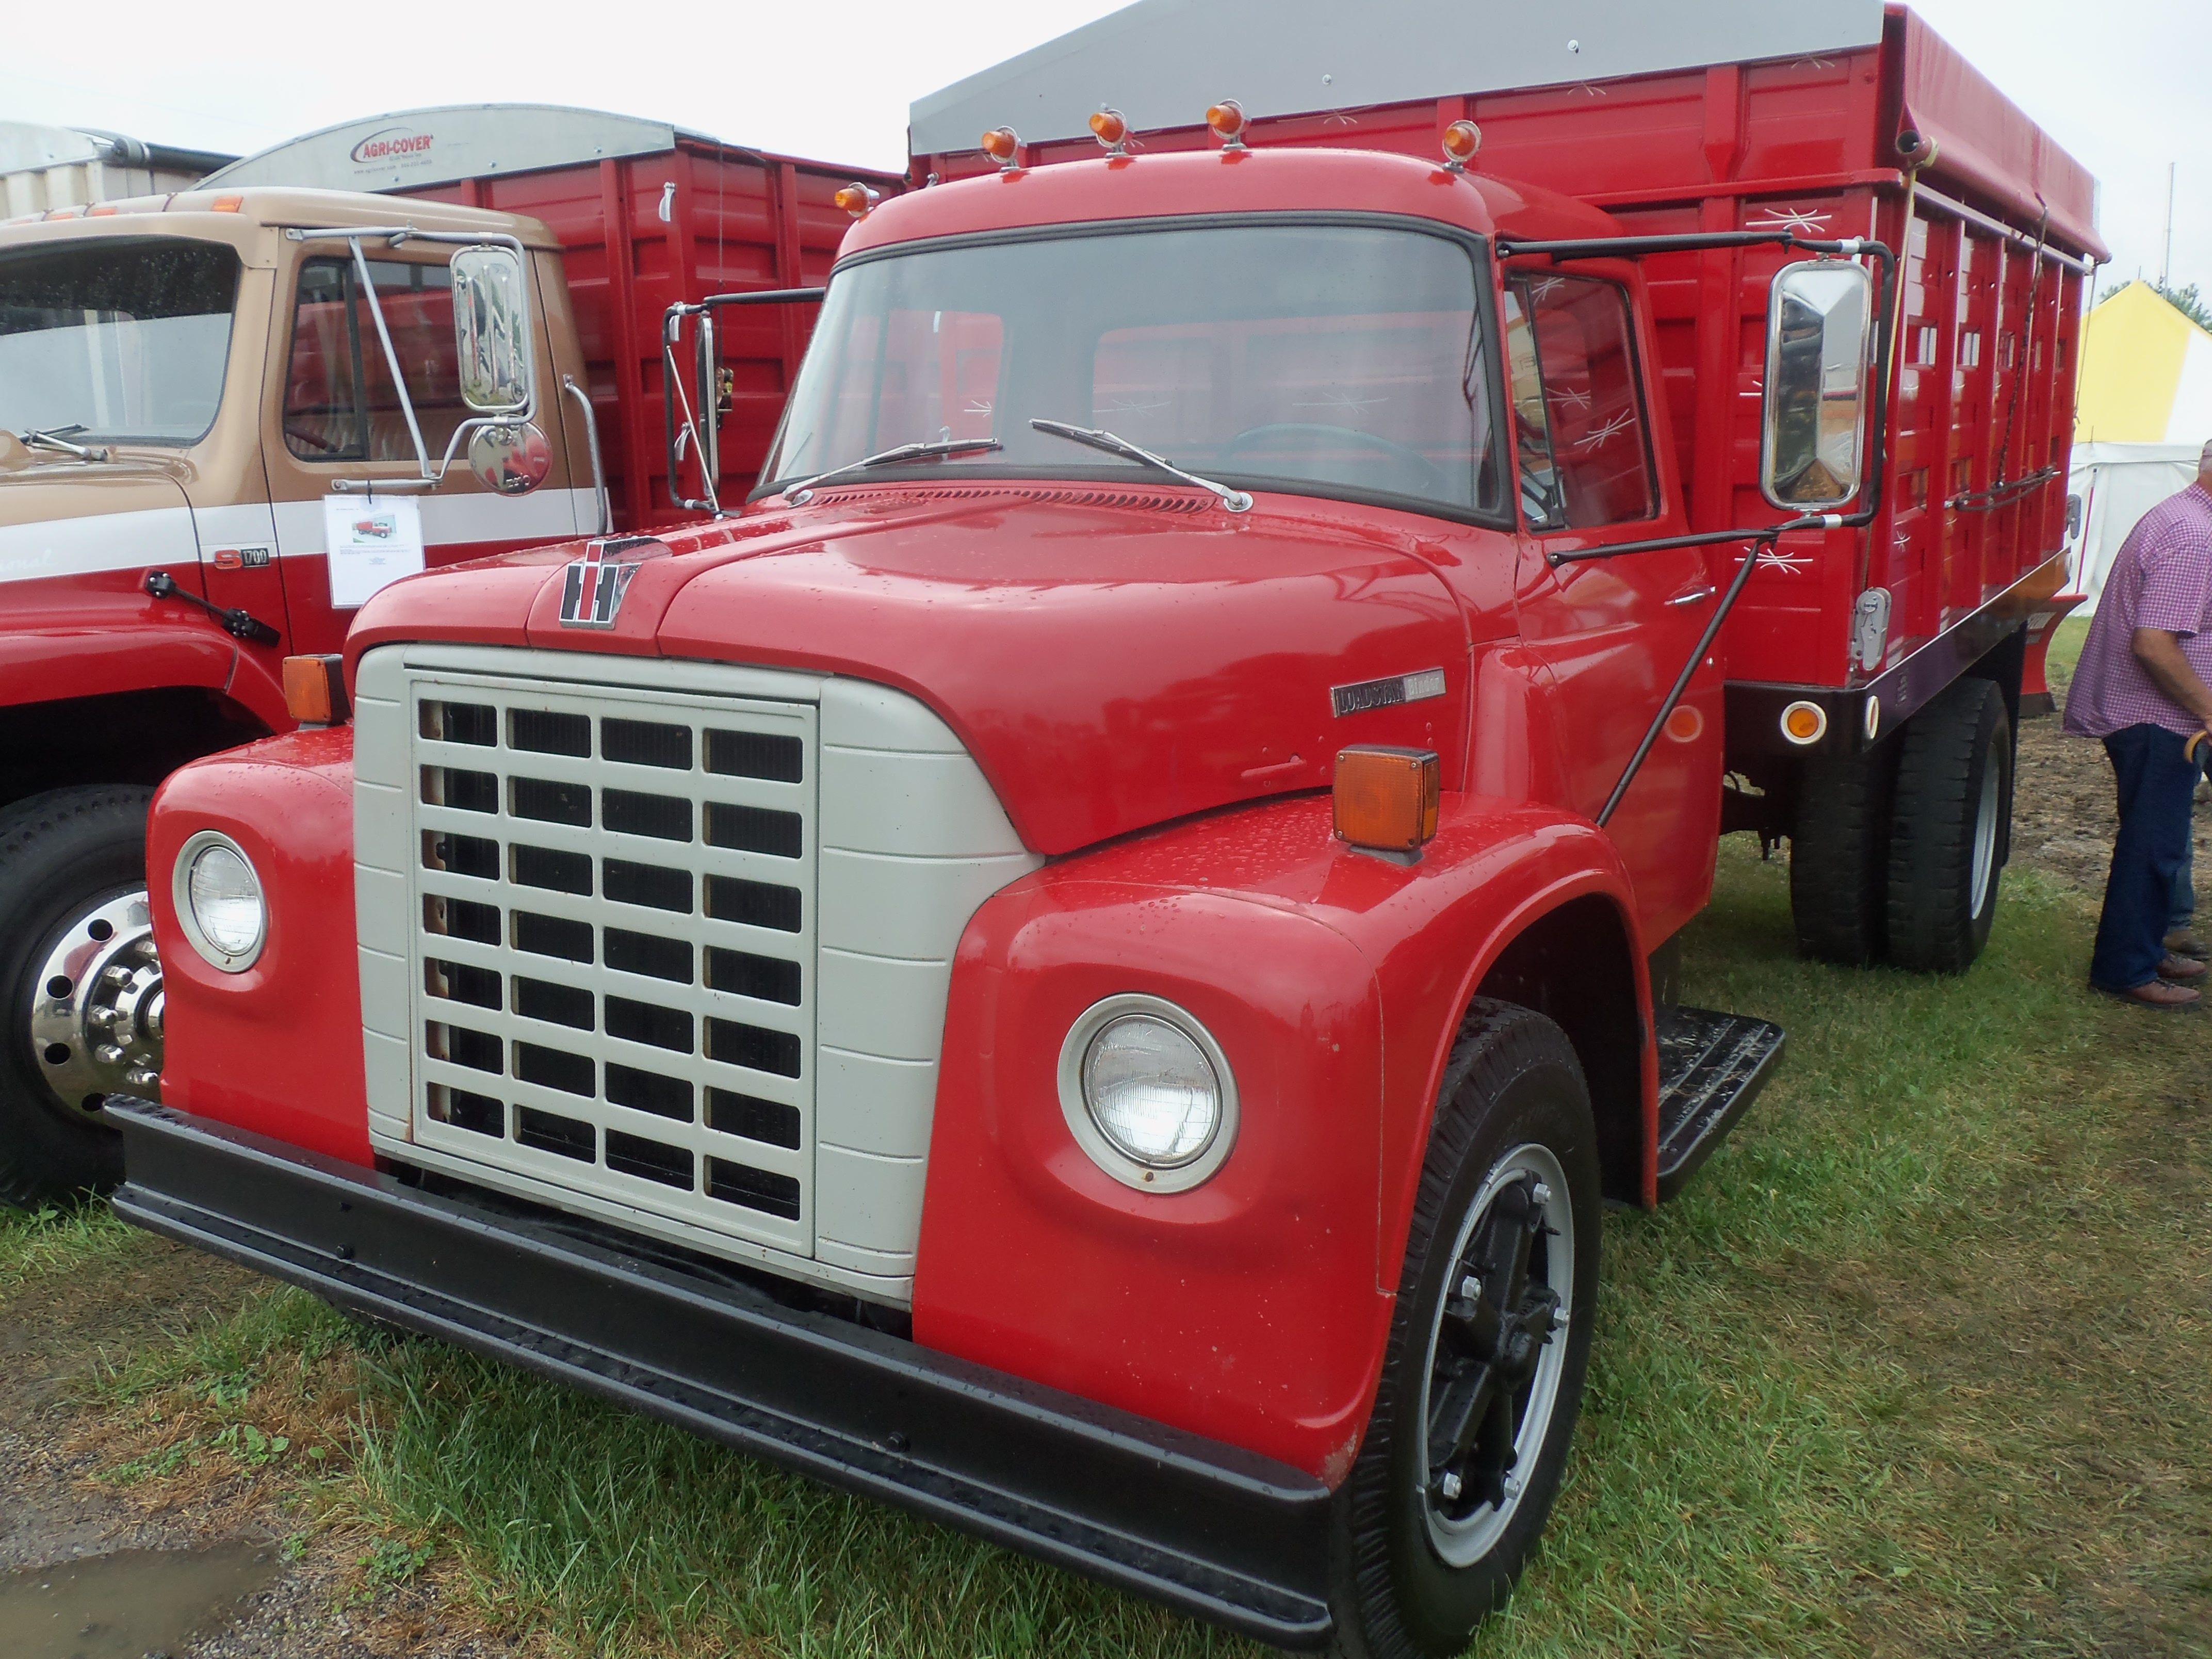 Beautiful looking red International Loadstar truck | My truck